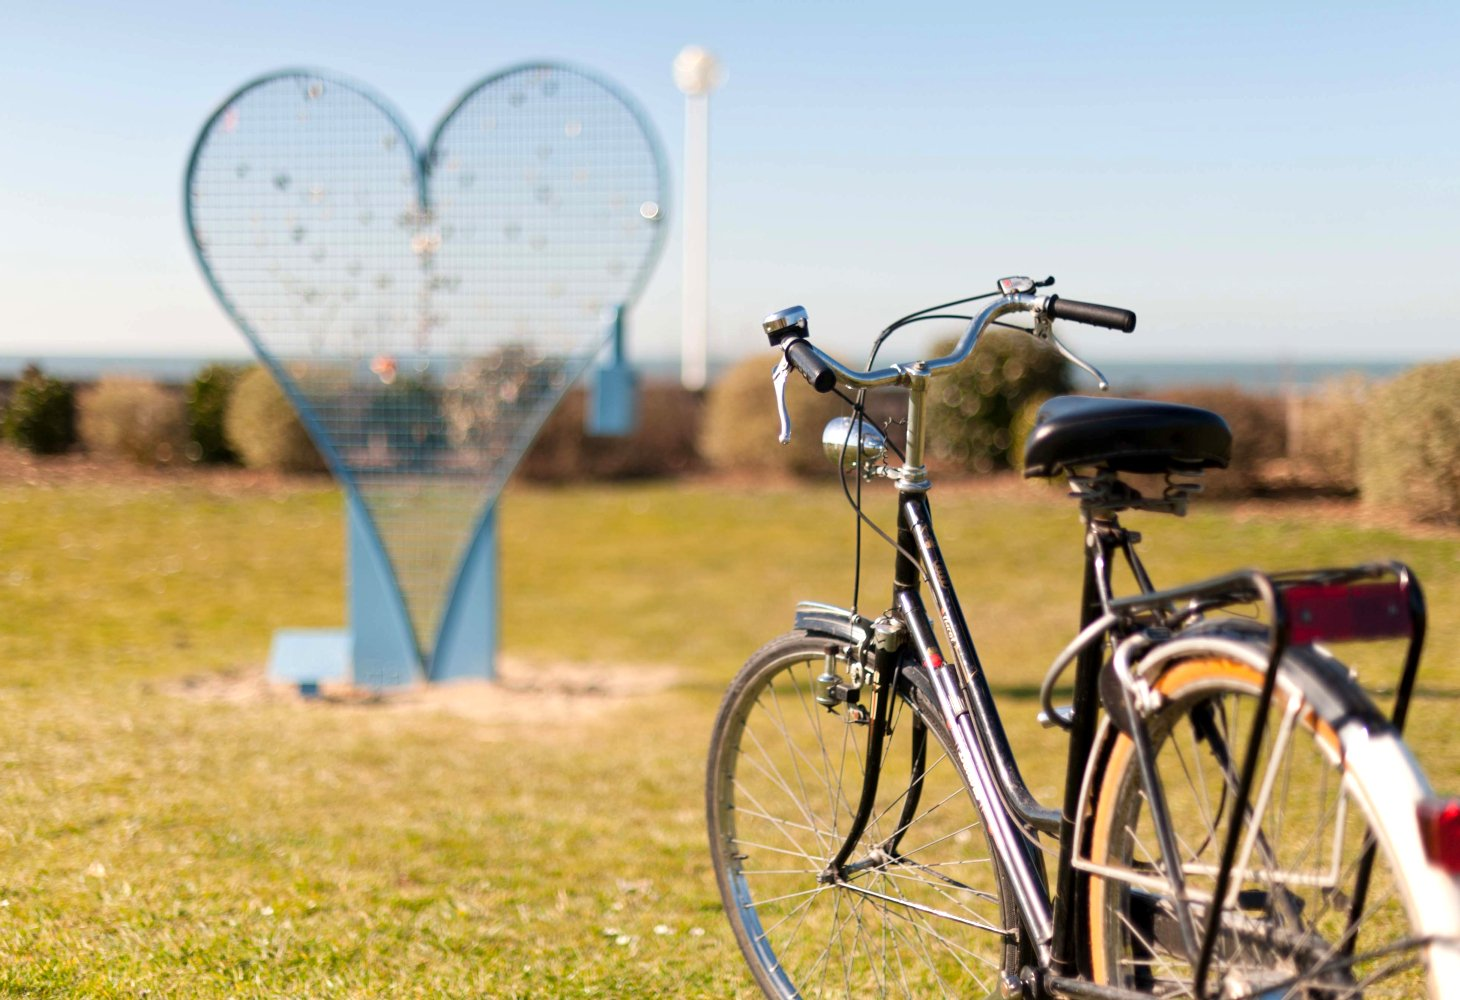 Deauville bike